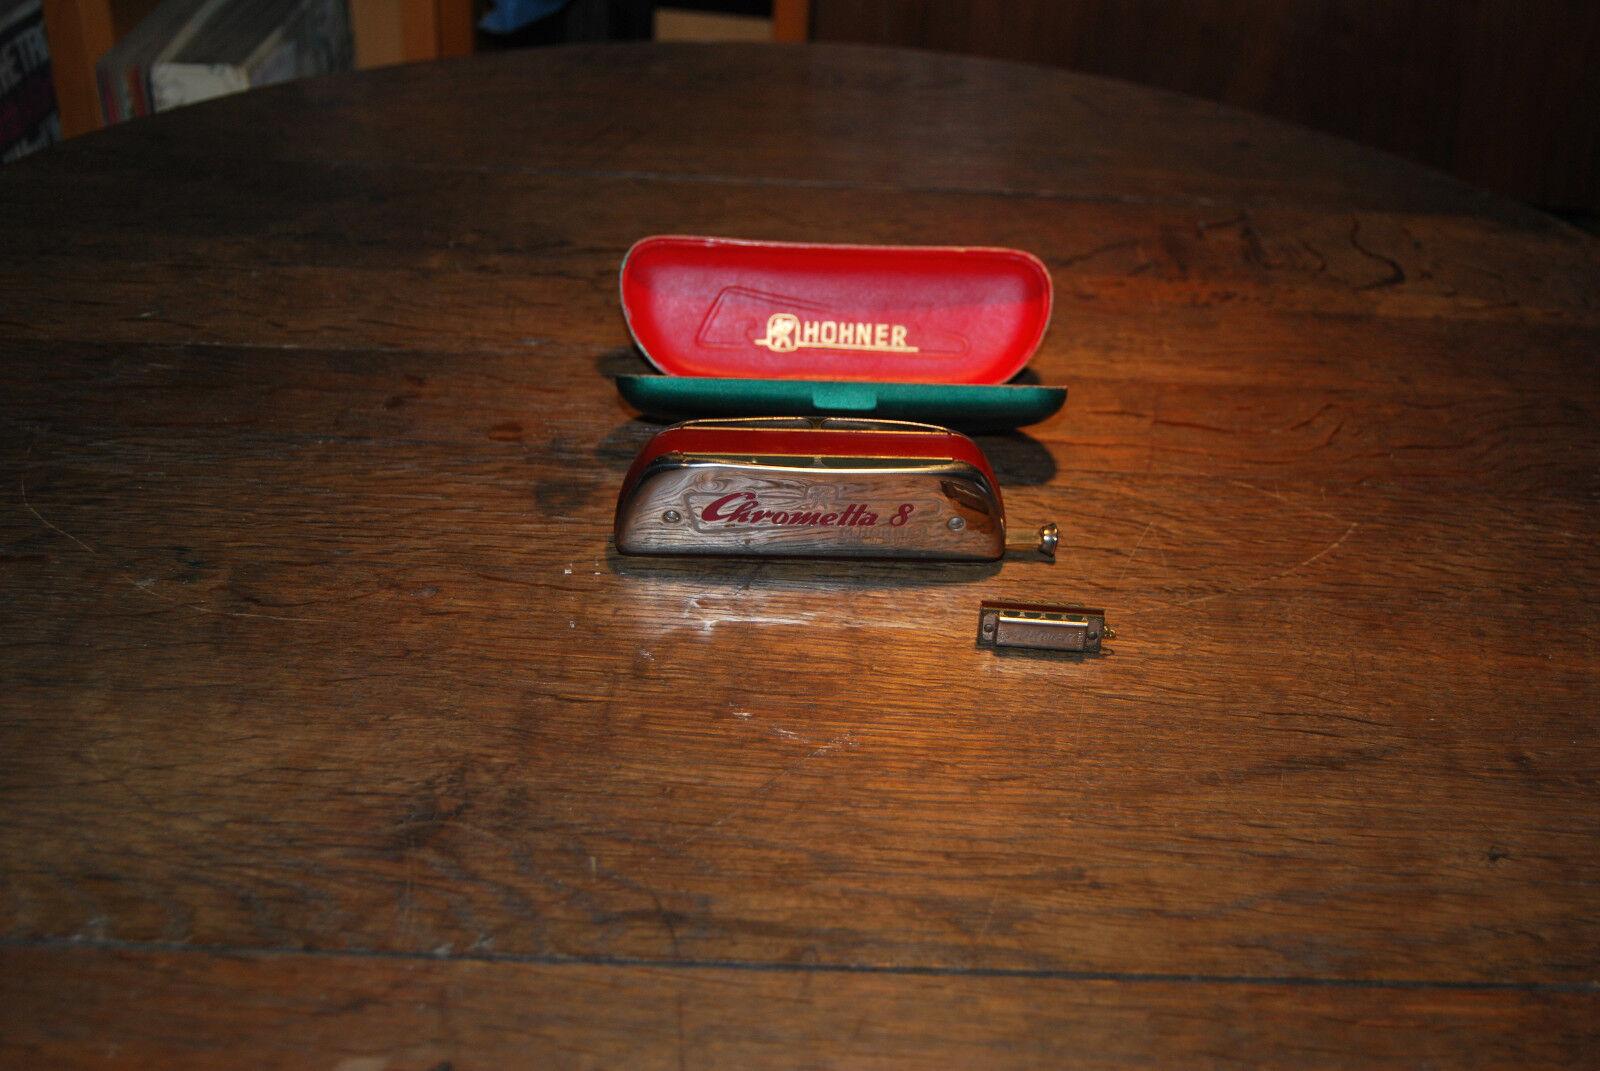 M-Hohner Mundharmonika Chrometta 8 (C-Dur) und Mini Hohner Anhänger mit Funktion